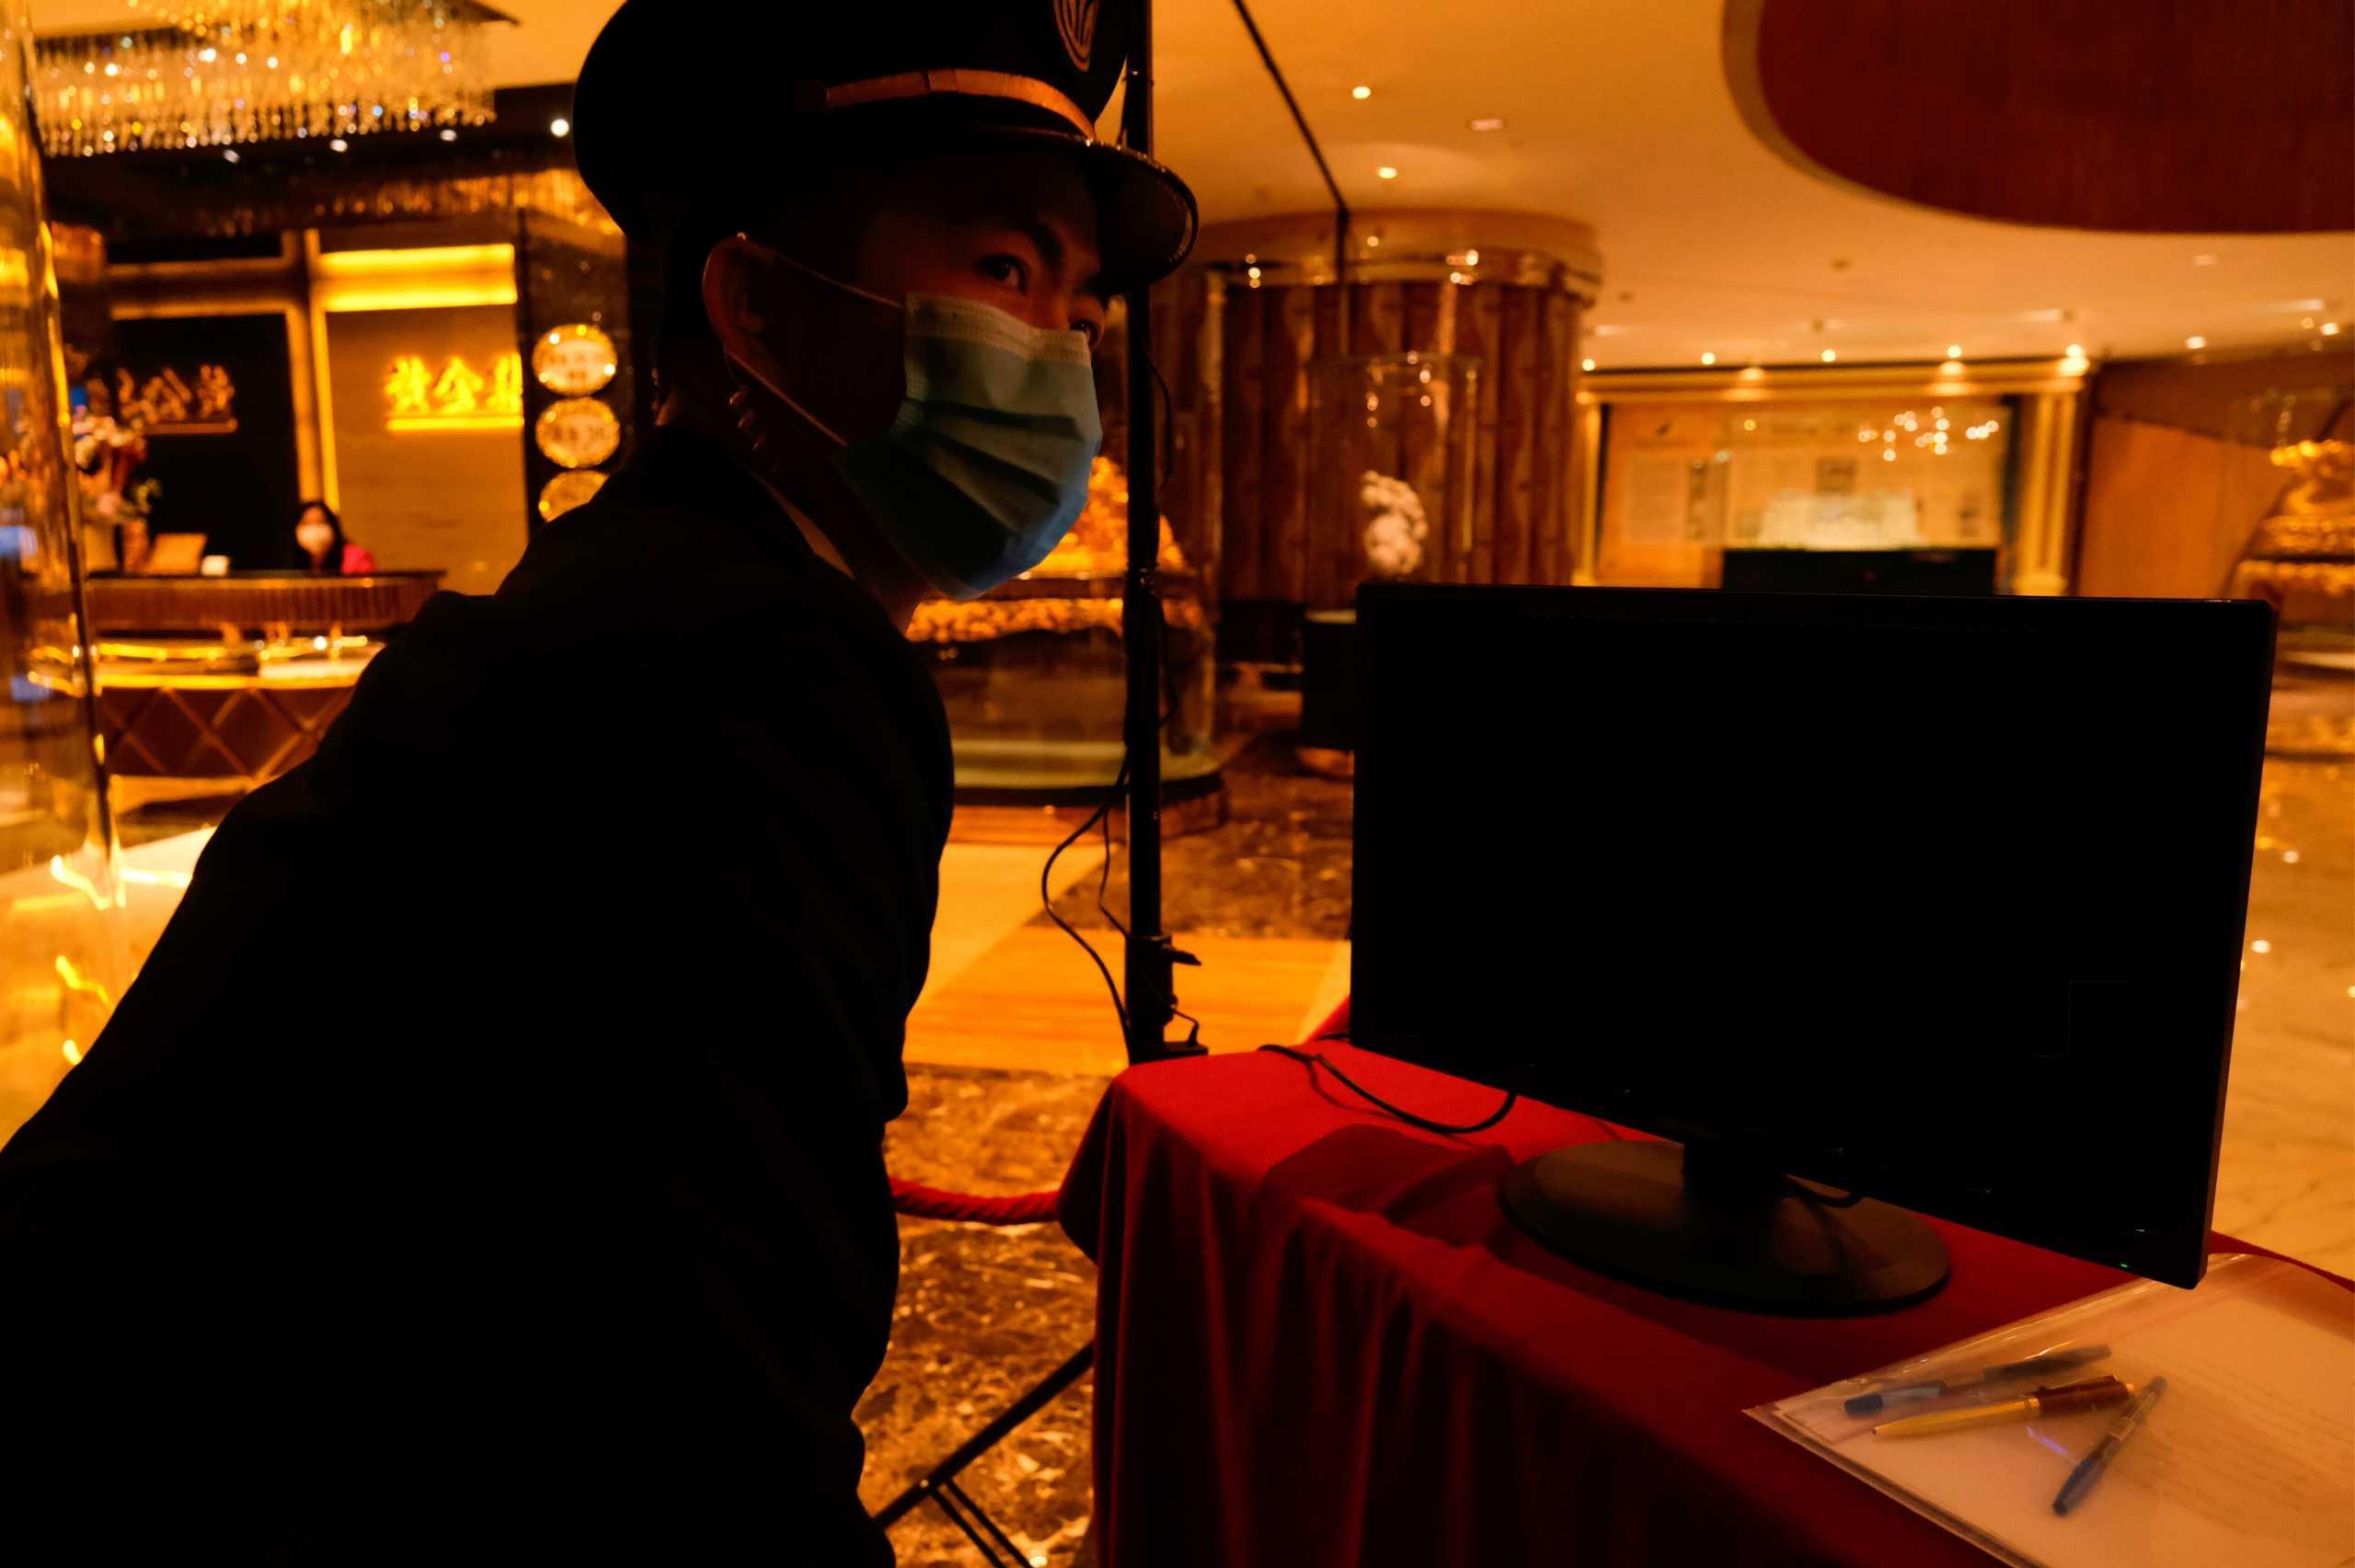 Κίνα: To πιο ψηλό ξενοδοχείο στον κόσμο ανοίγει τις πύλες του στη Σανγκάη